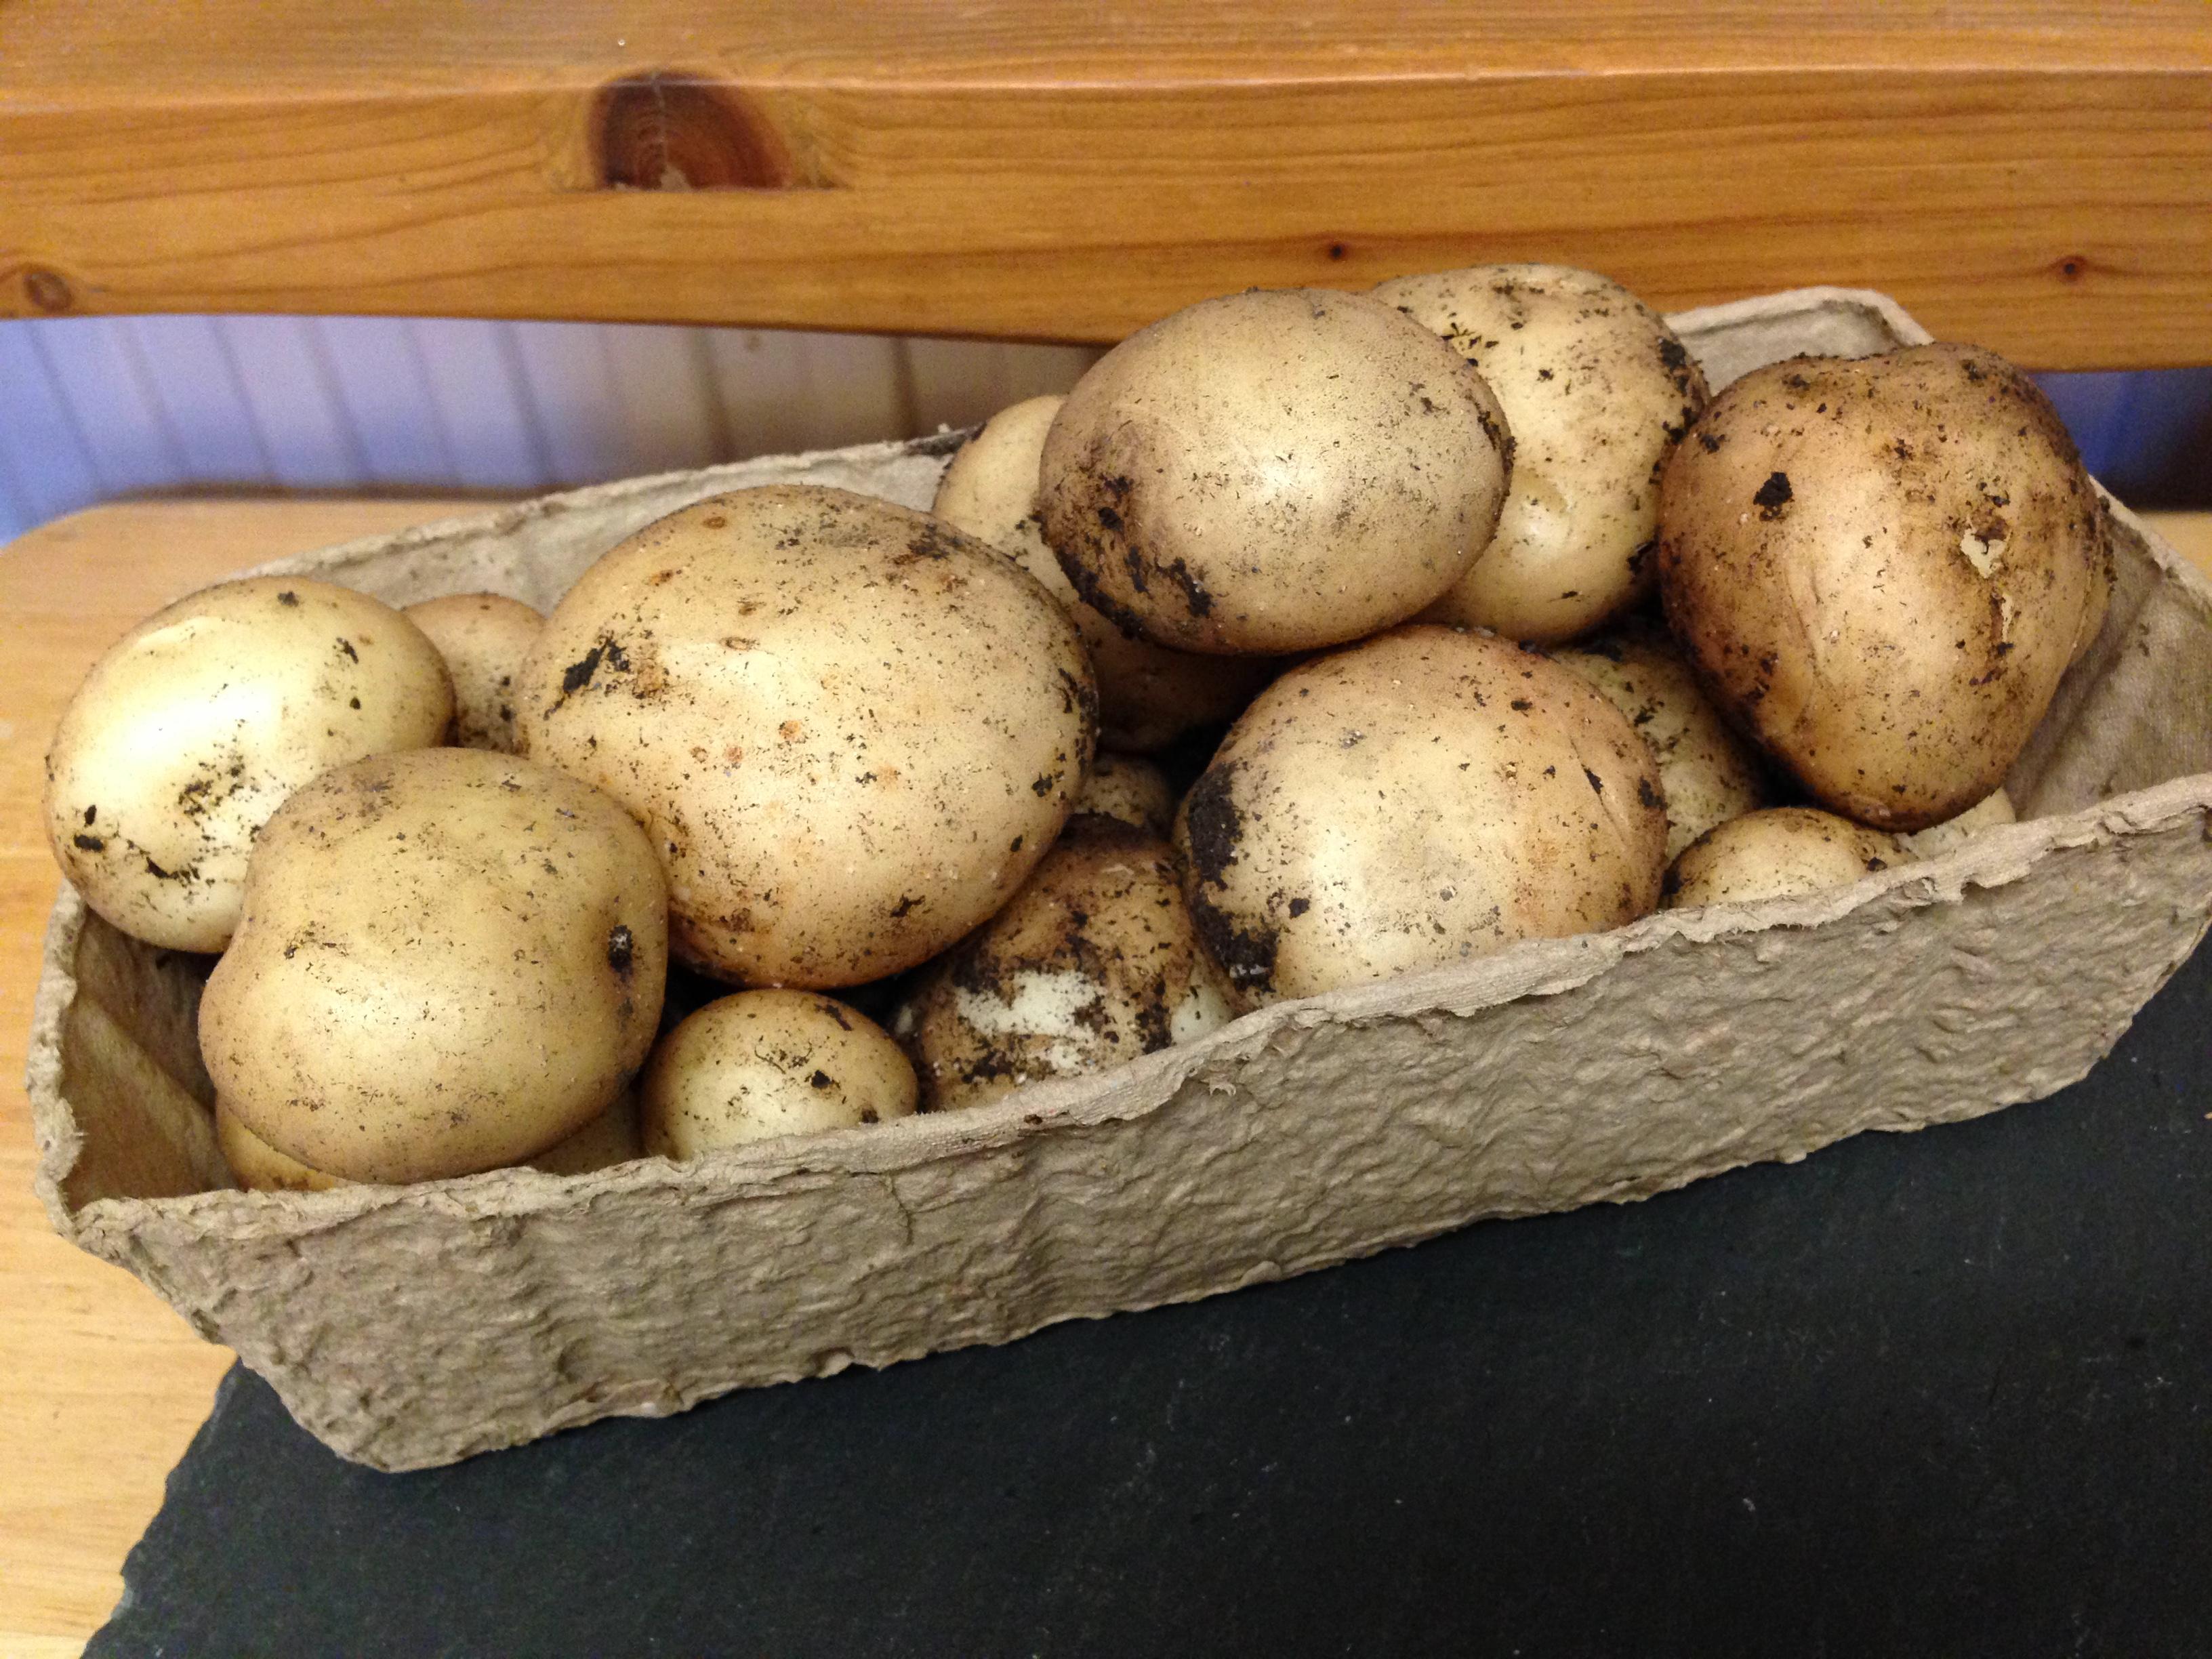 A few potatoes!